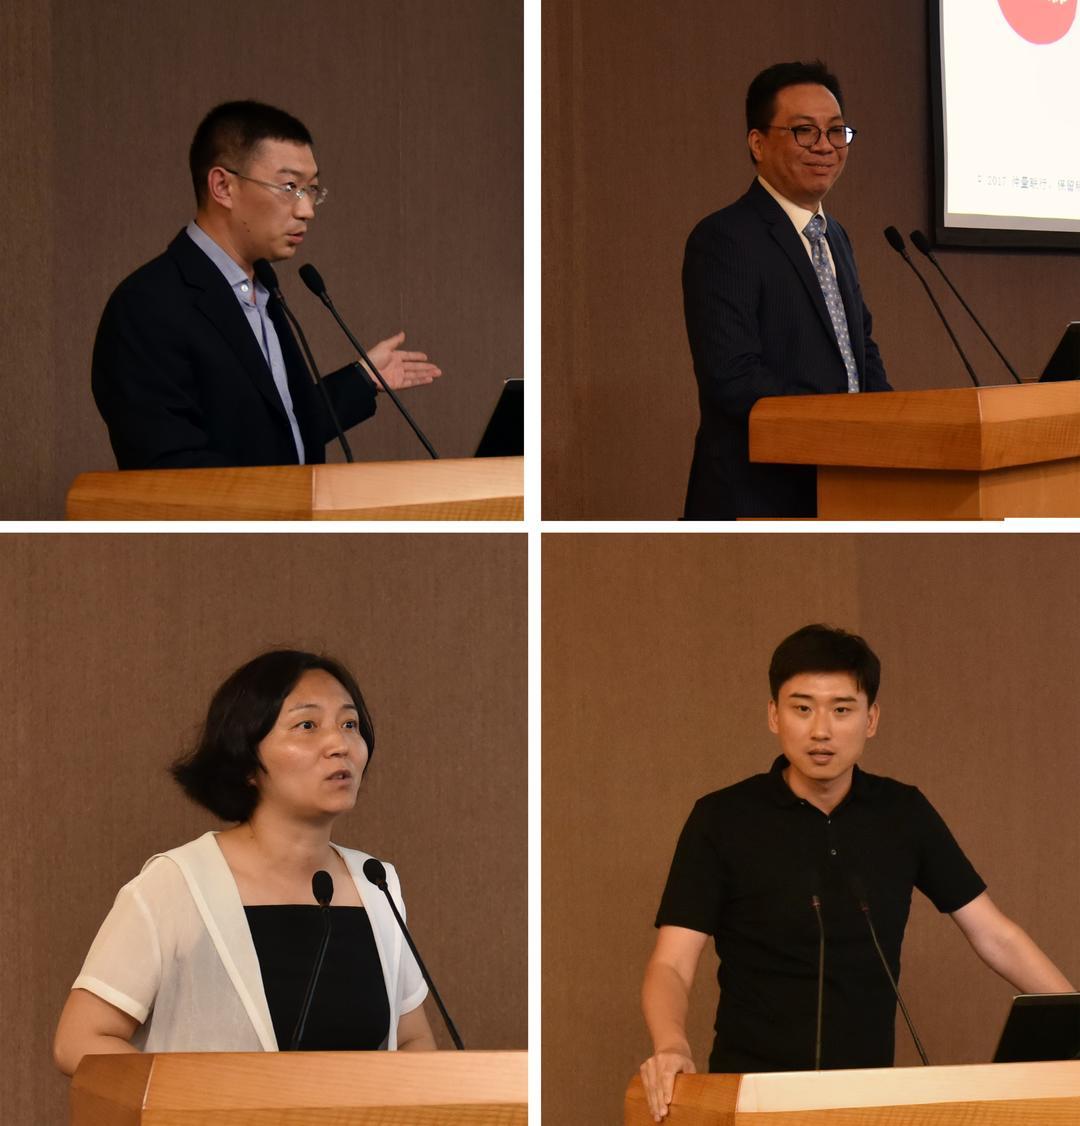 演讲人:李兆凡(左上)、张启威(右上)、赵颖(左下)、吴宏磊(右下)